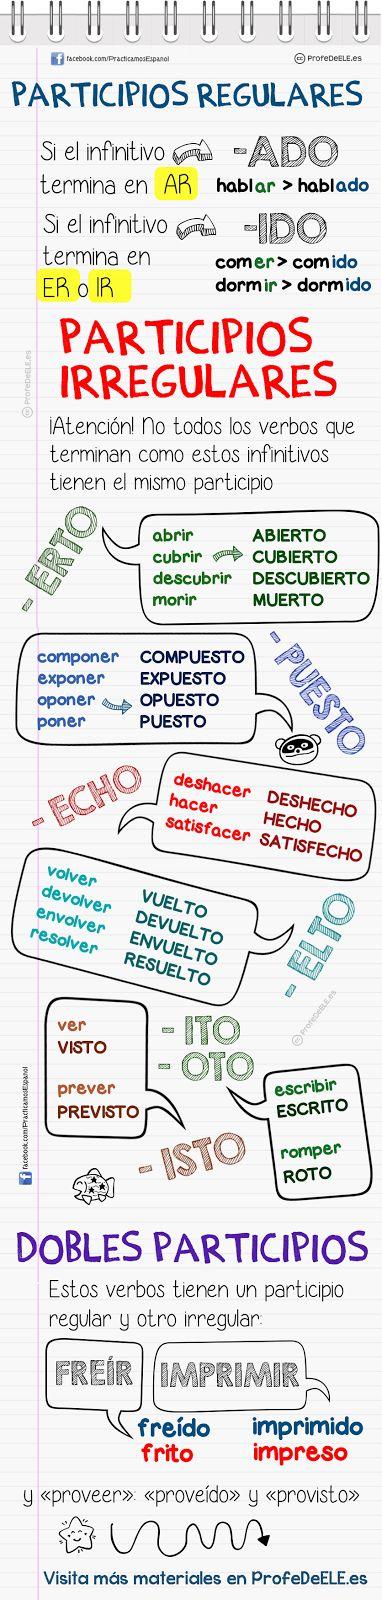 Participios regulares e irregulares en español - Explicación y actividad online (A2/B1) en www.profedeele.es | @ProfeDeELE.es.es.es.es.es